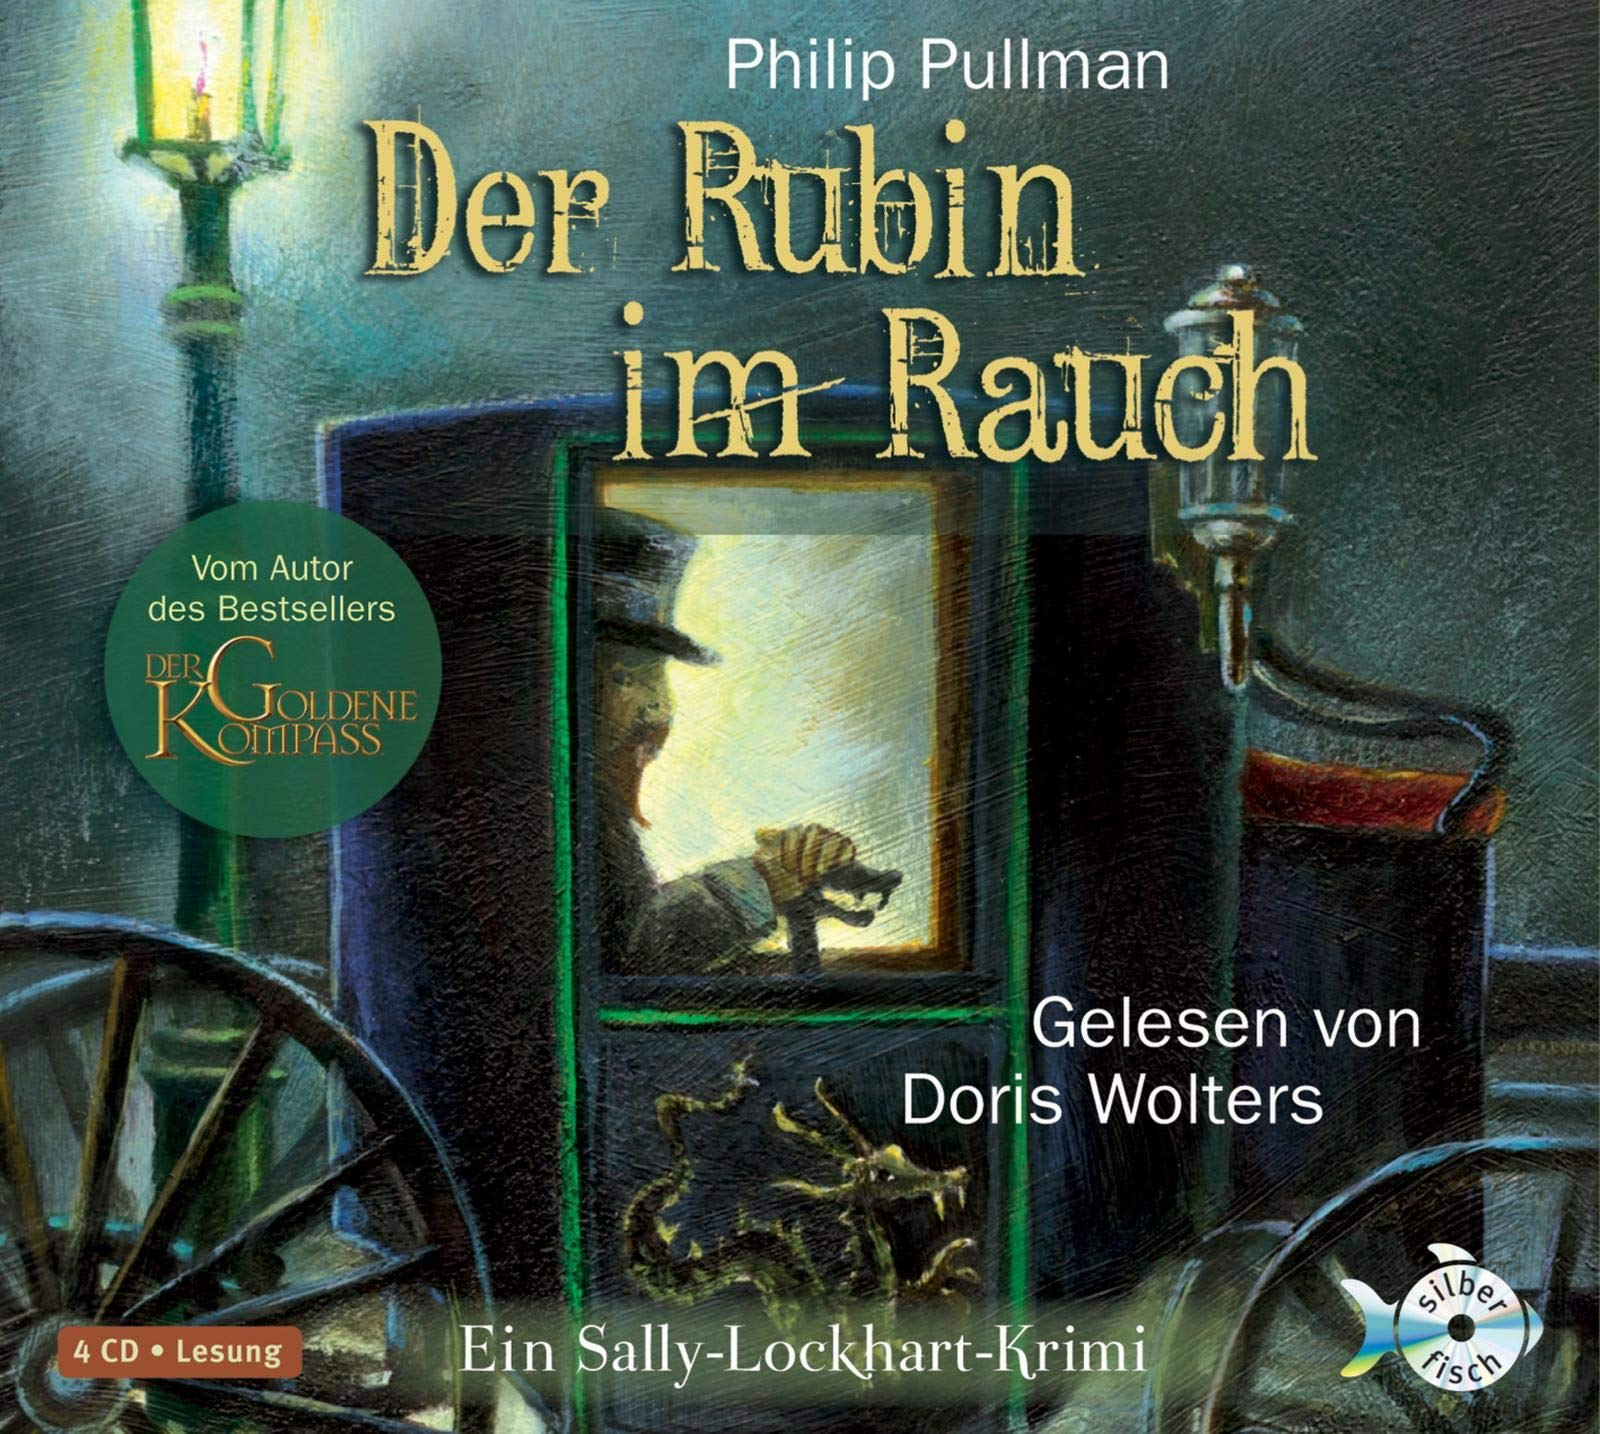 Der Rubin im Rauch [Tontraeger] In Sally-Lockhart-Krimi; gekuerzte Lesung. Silberfisch